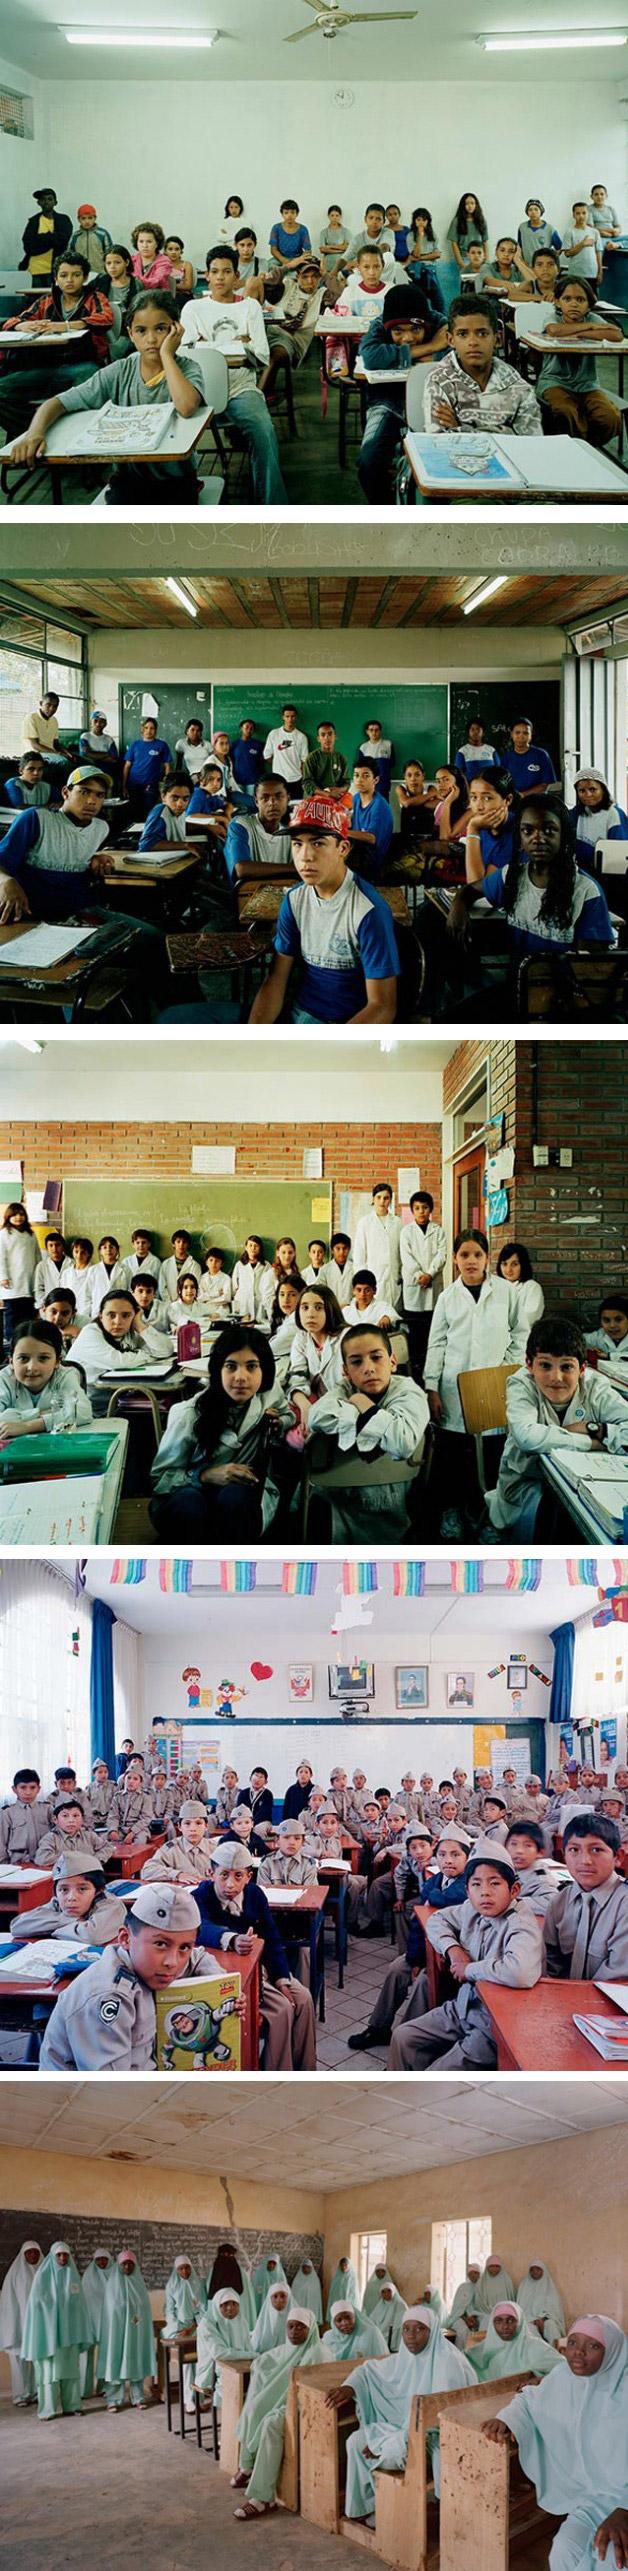 Classroom Portraits